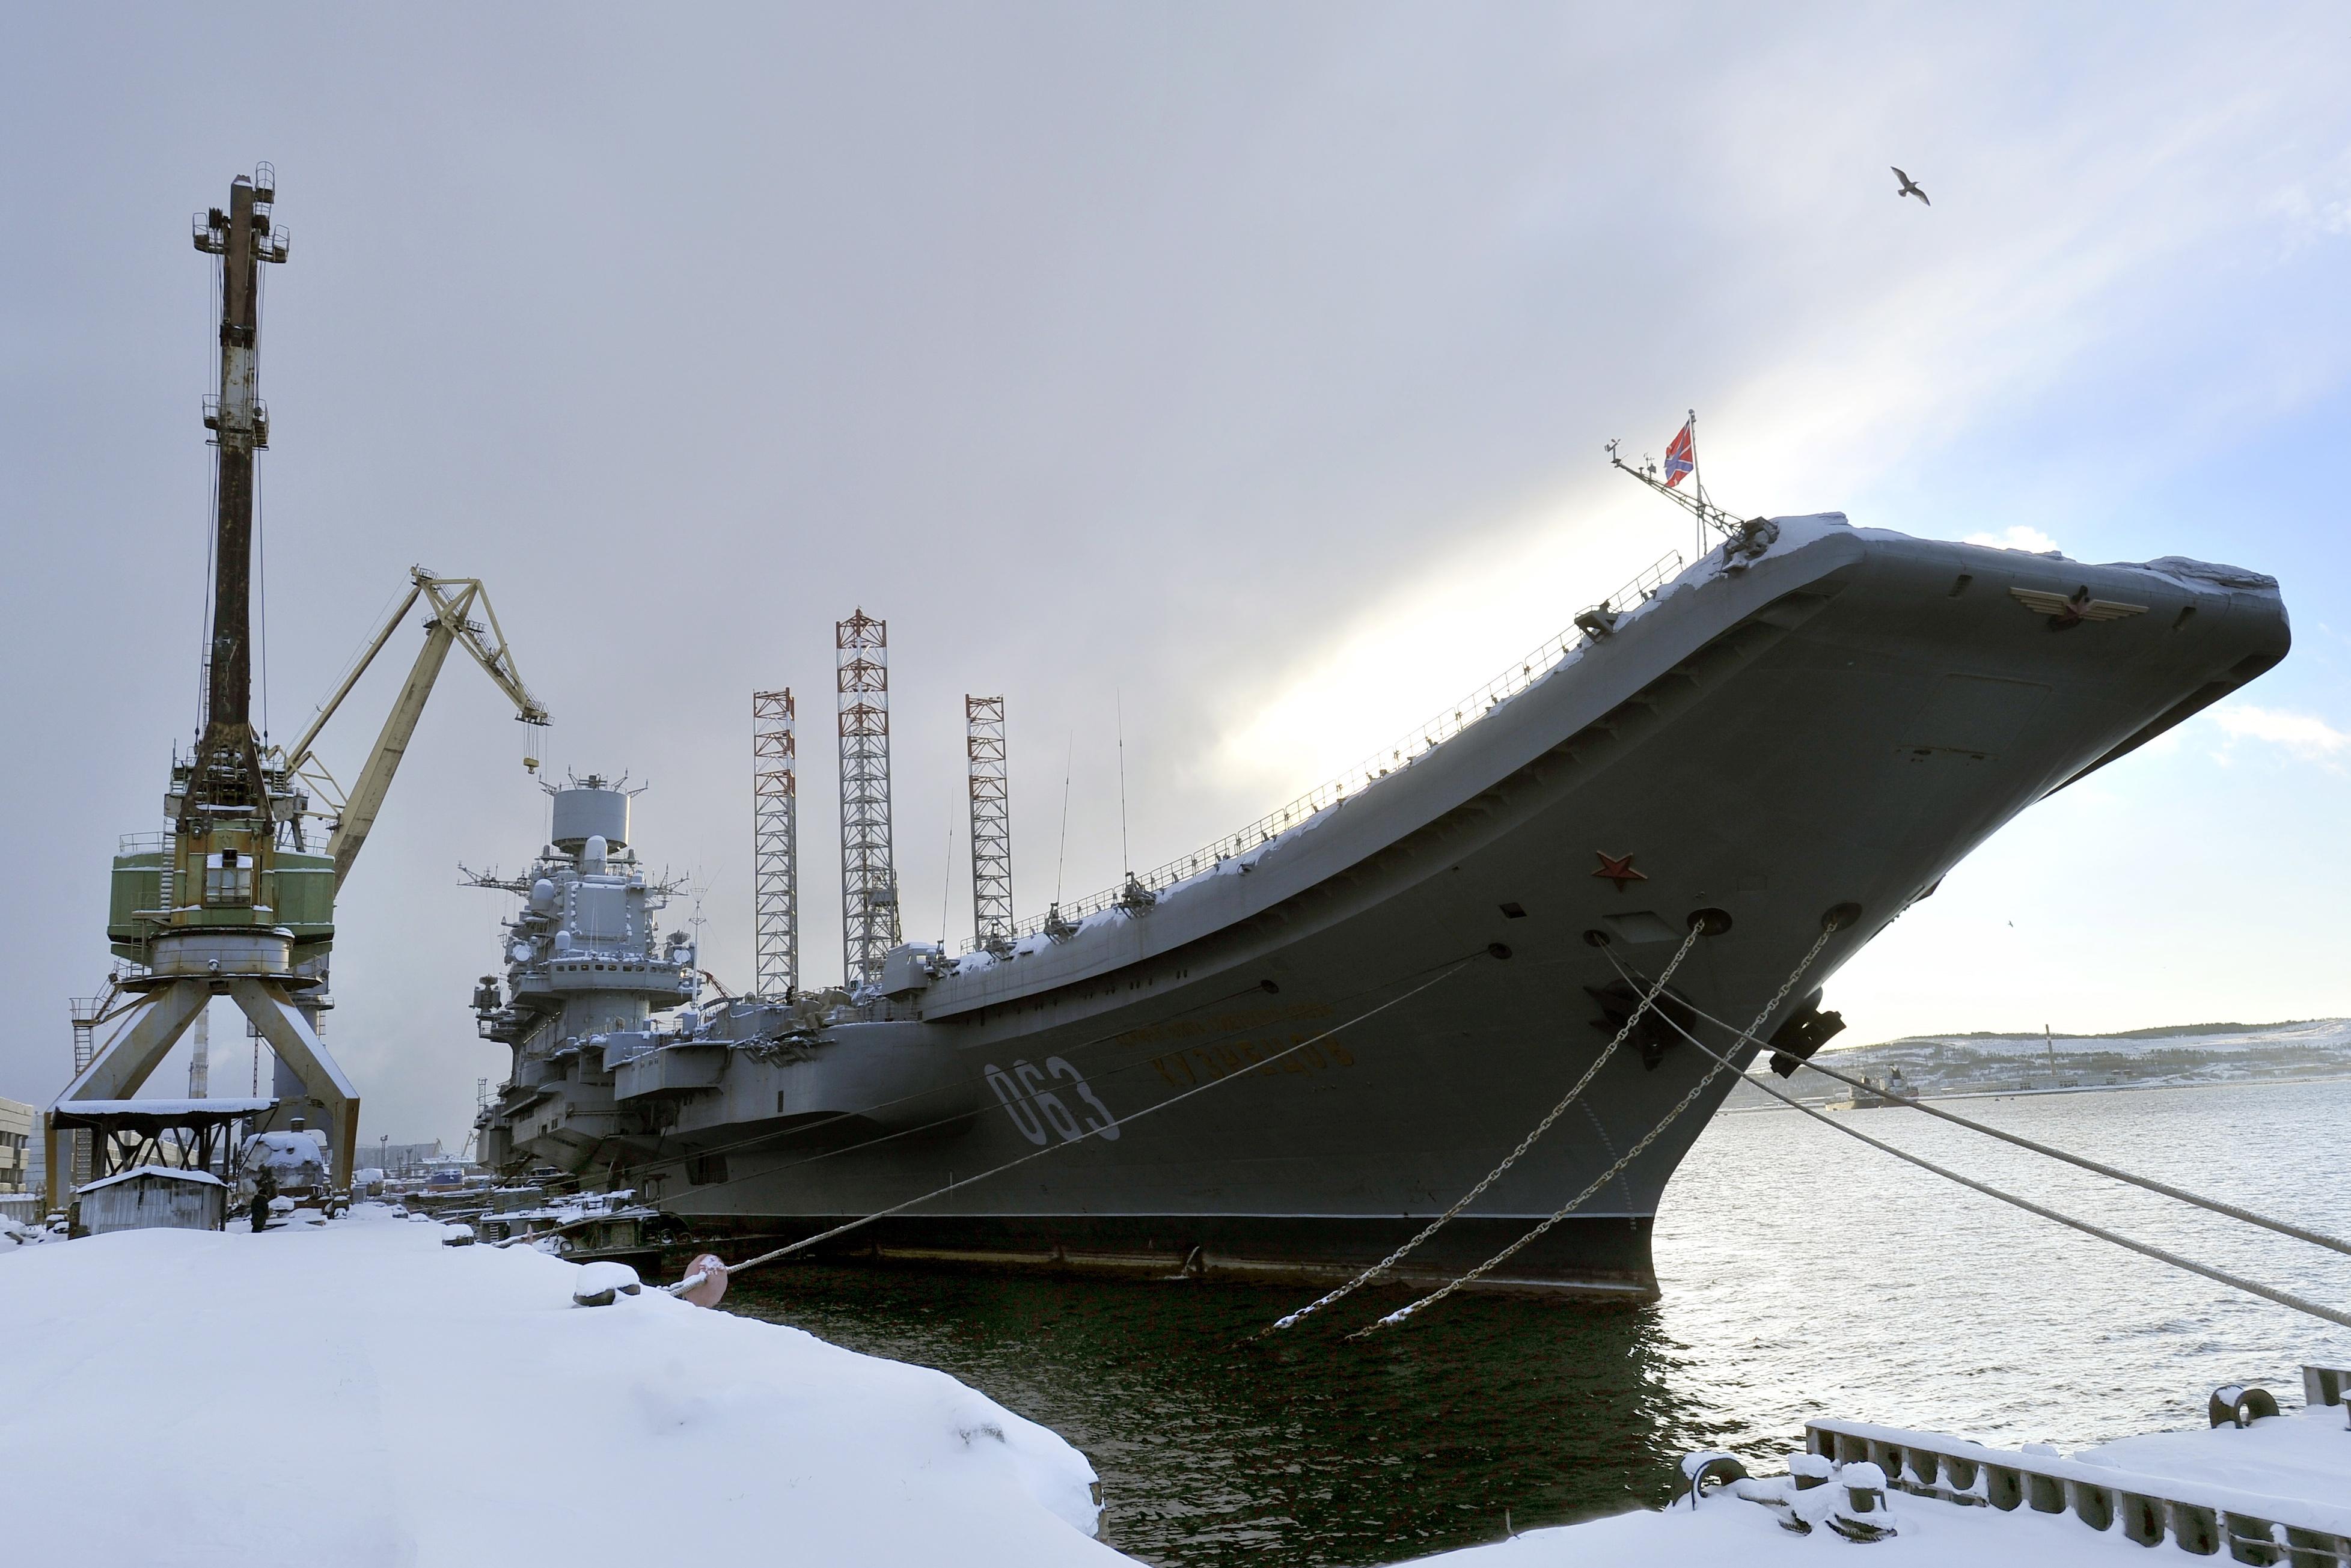 Директор завода в Мурманске арестован по делу о хищении 45 млн при ремонте 'Адмирала Кузнецова'